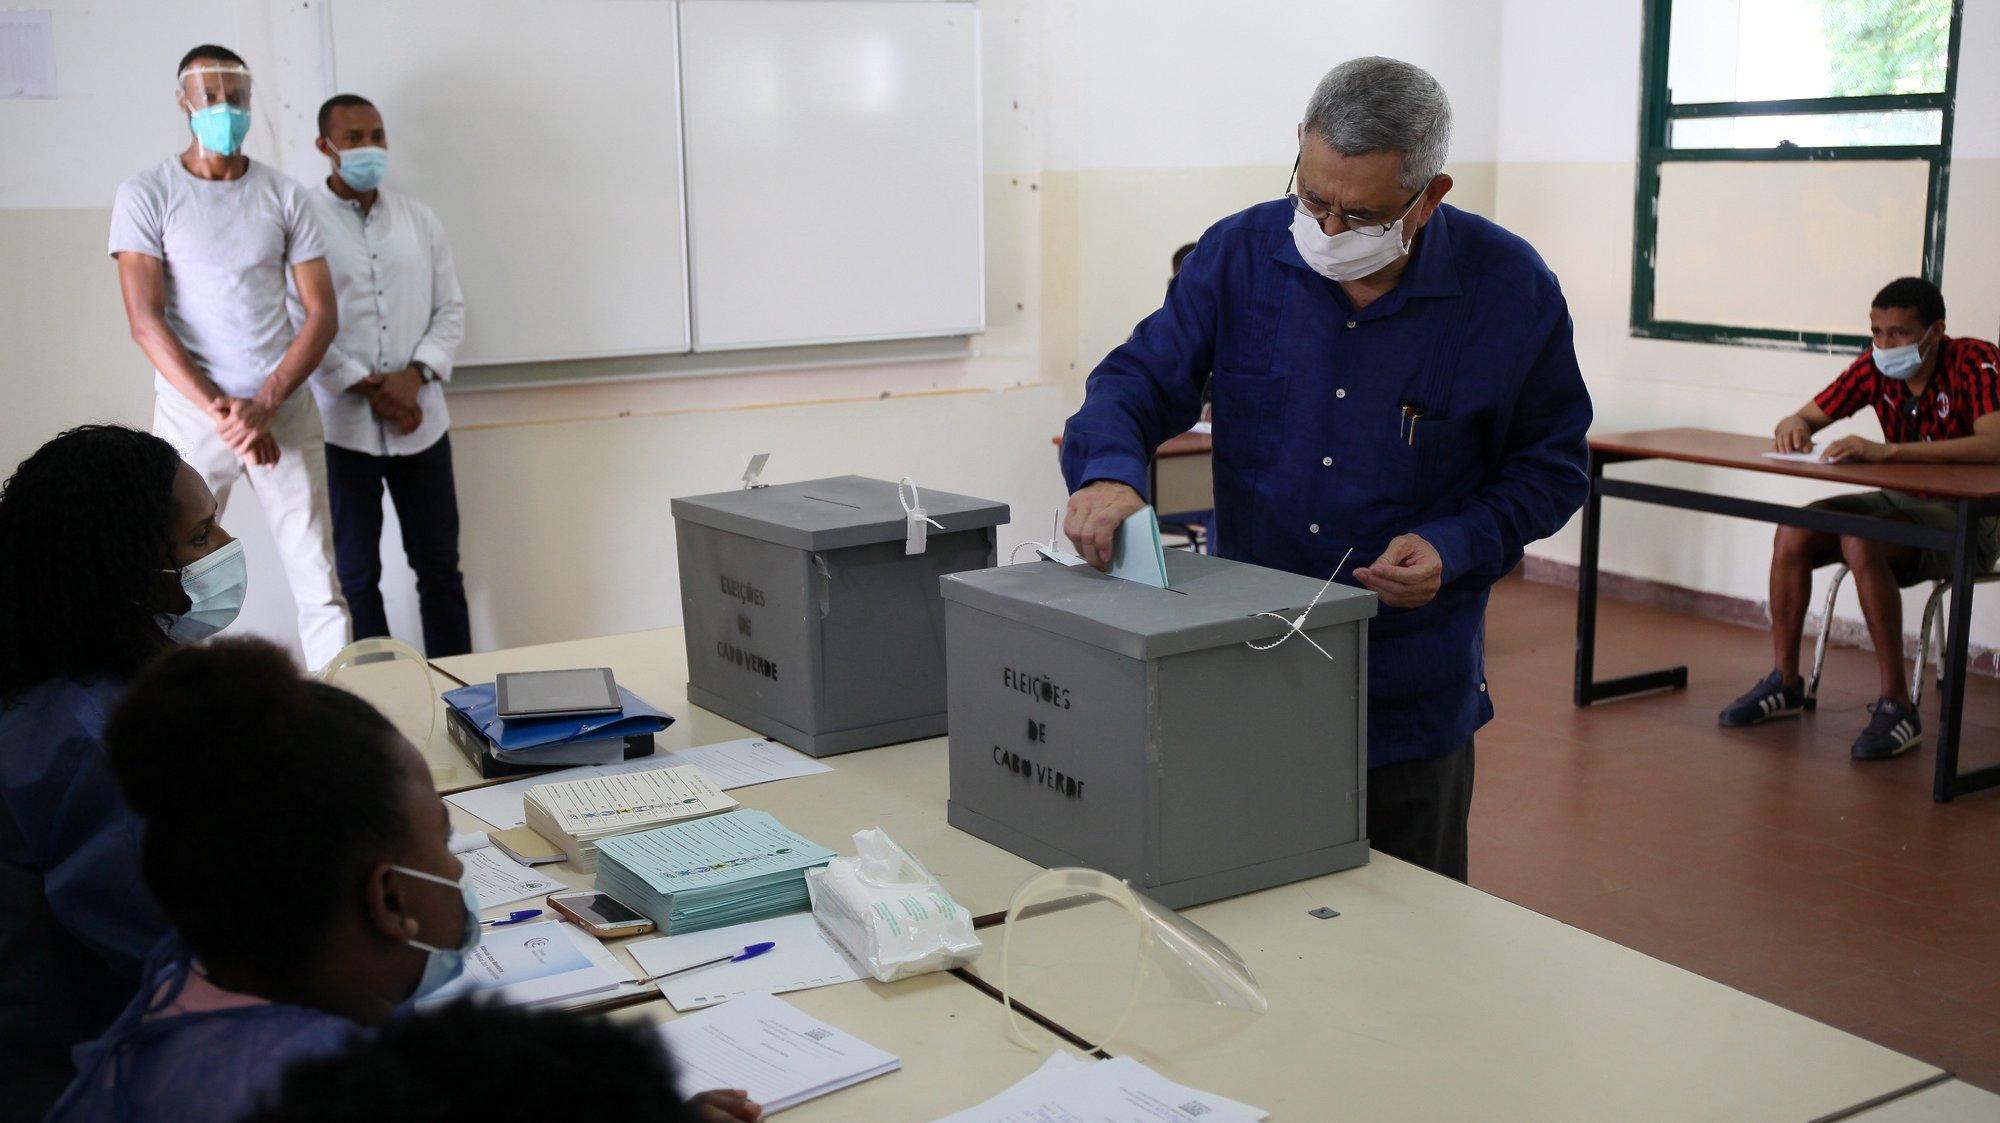 O Presidente da República, de Cabo Verde, Jorge Carlos Fonseca, exerce o seu direito de voto para as eleições autárquicas de hoje onde concorrem ao mandato de quatro anos 65 listas às Assembleias Municipais e 64 às Câmaras Municipais, das quais 53 de partidos políticos (de quatro partidos) e 12 de grupos de cidadãos, segundo dados da Comissão Nacional de Eleições (CNE) cabo-verdiana, cidade da Praia, Cabo Verde, 25 de outubro de 2020. FERNANDO DE PINA/LUSA